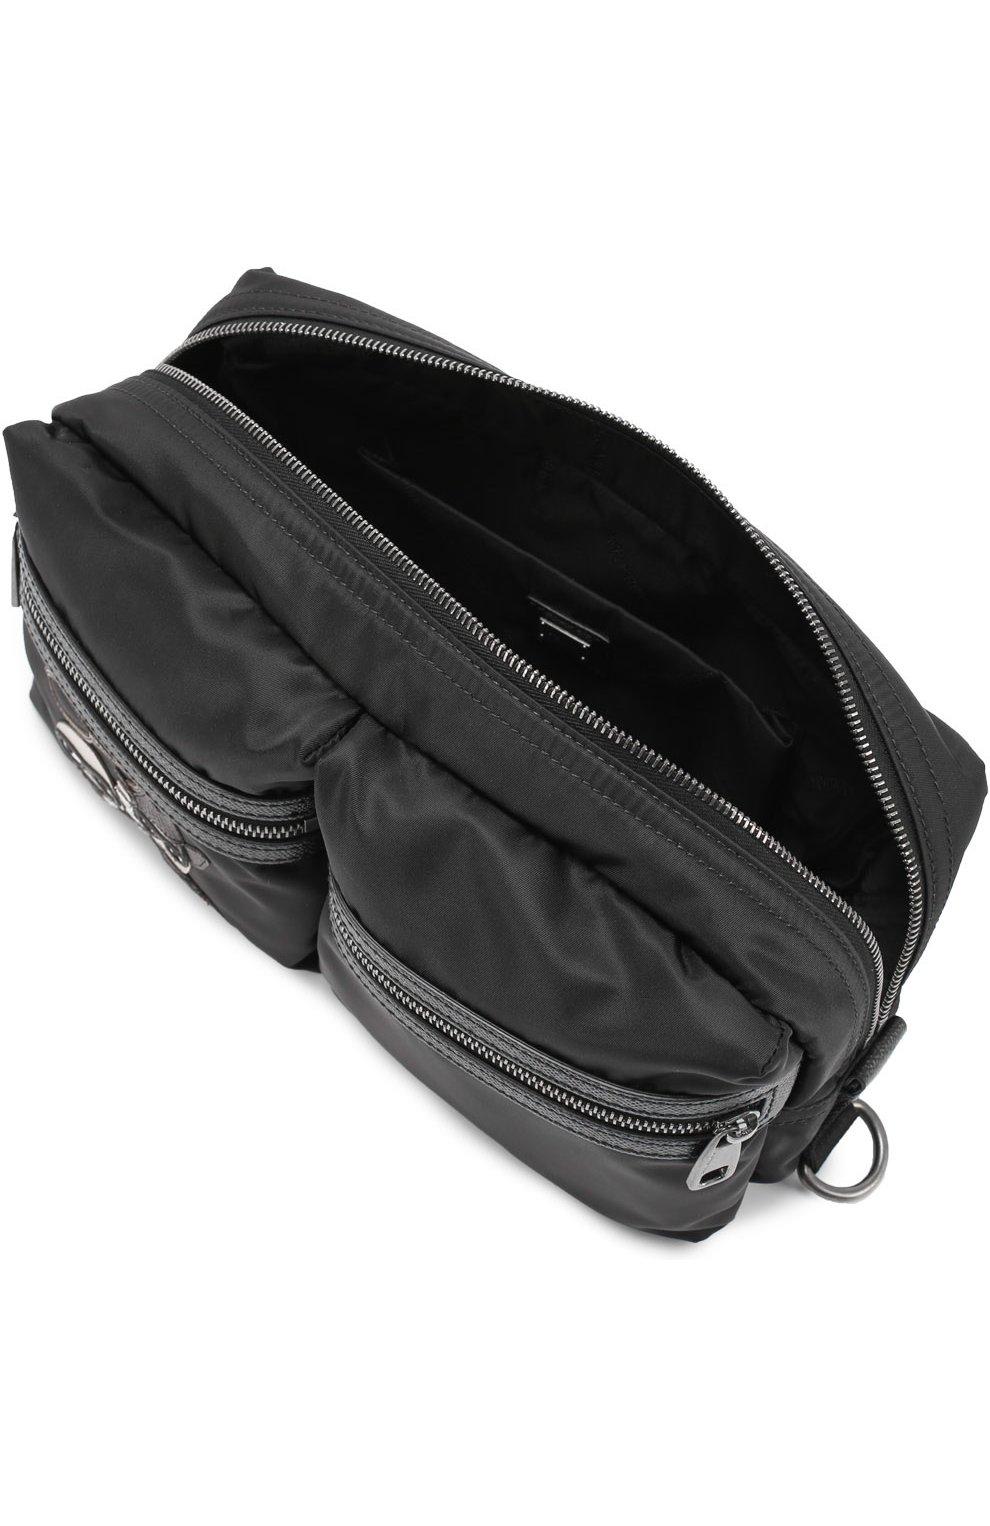 Поясная сумка Vulcano с аппликацией и отделкой из натуральной кожи Dolce & Gabbana черная   Фото №4